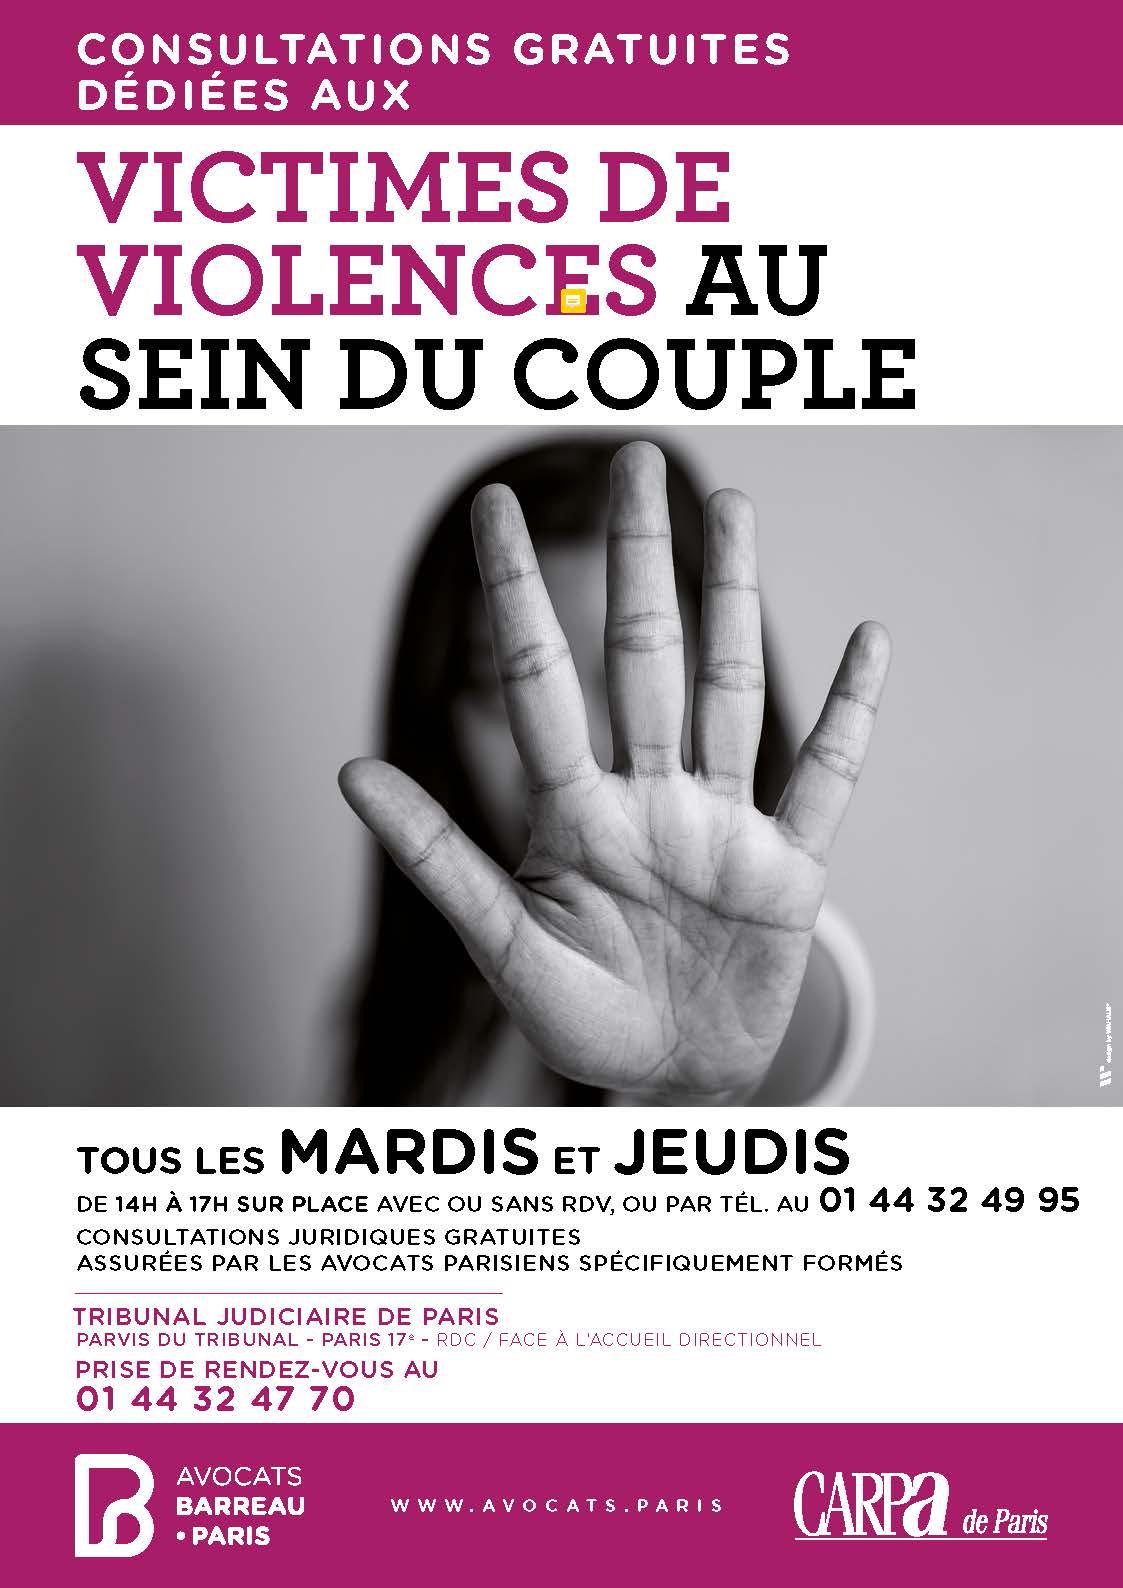 Consultations gratuites dédiées aux victimes de violences au sein du couple tous les mardis et jeudis de 14h à 17h avec ou sans rdv ou par téléphone au 01 44 32 49 95 au Tribunal judiciaire de Paris situé dans le 17e arrondissement de Paris métro Porte de Clichy